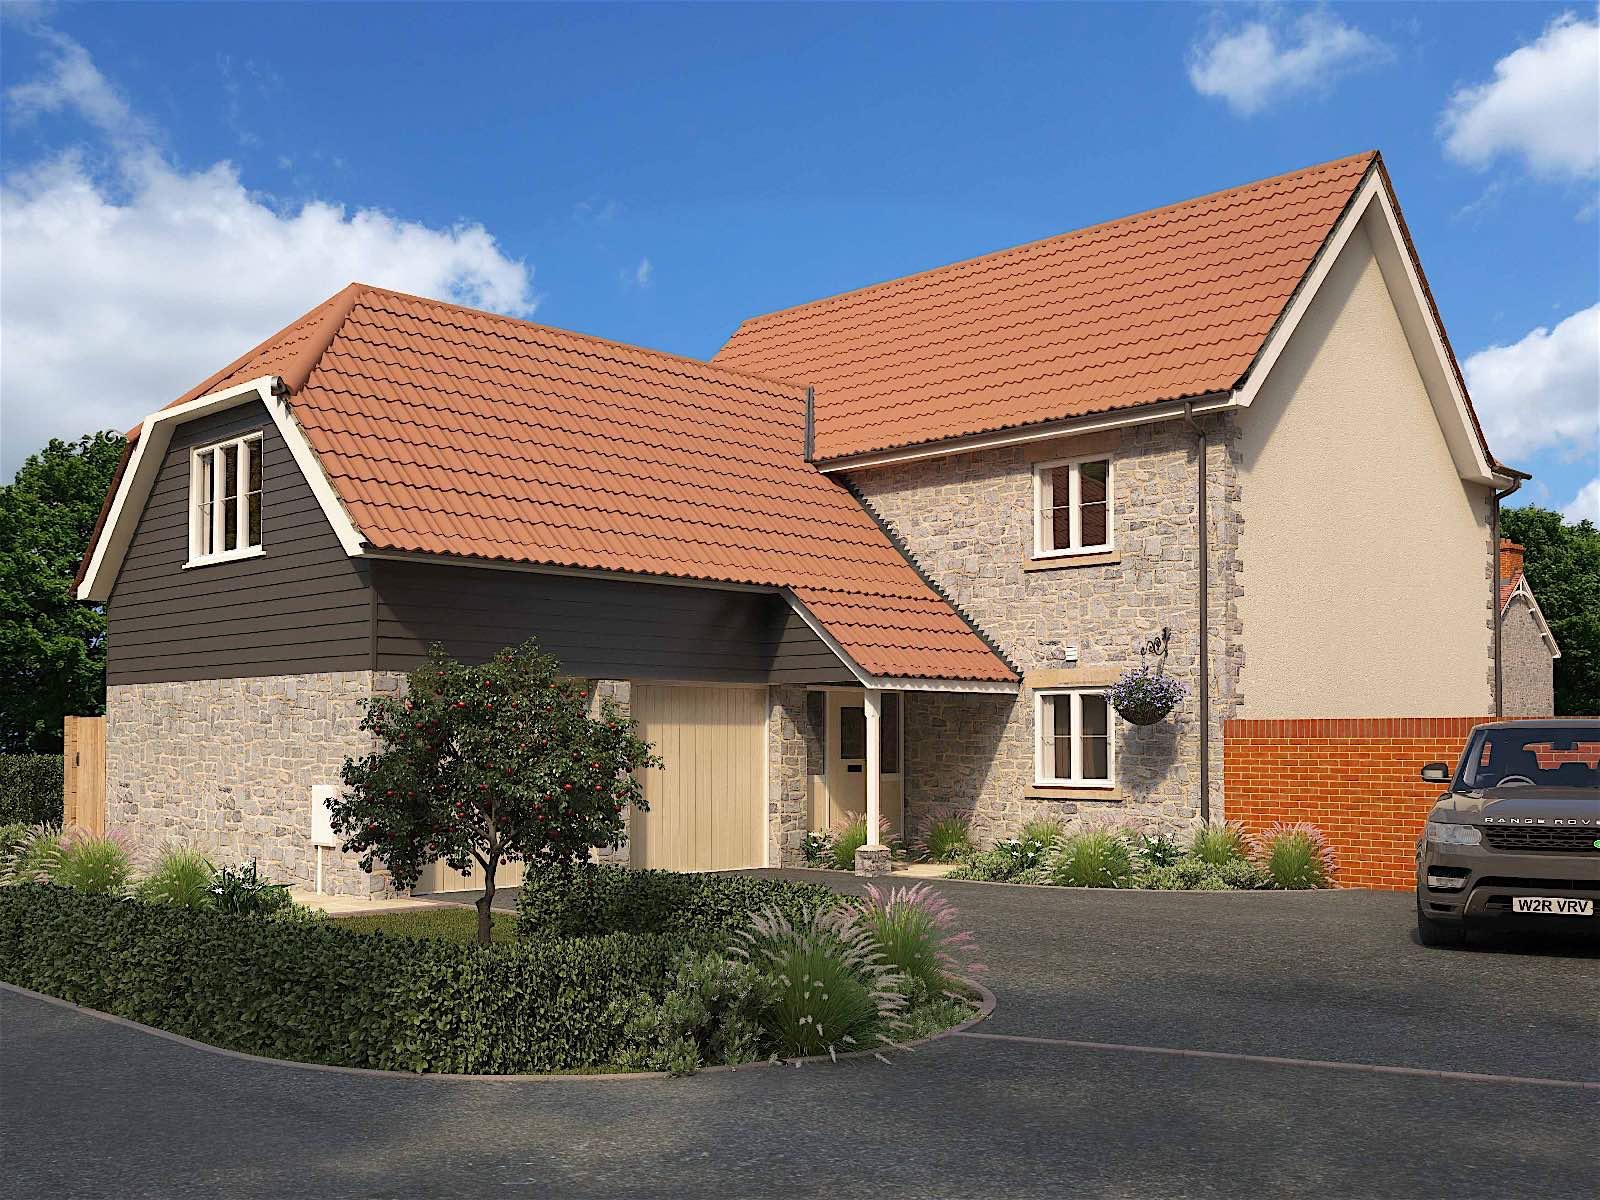 svx-manor-lawns_E1-detail